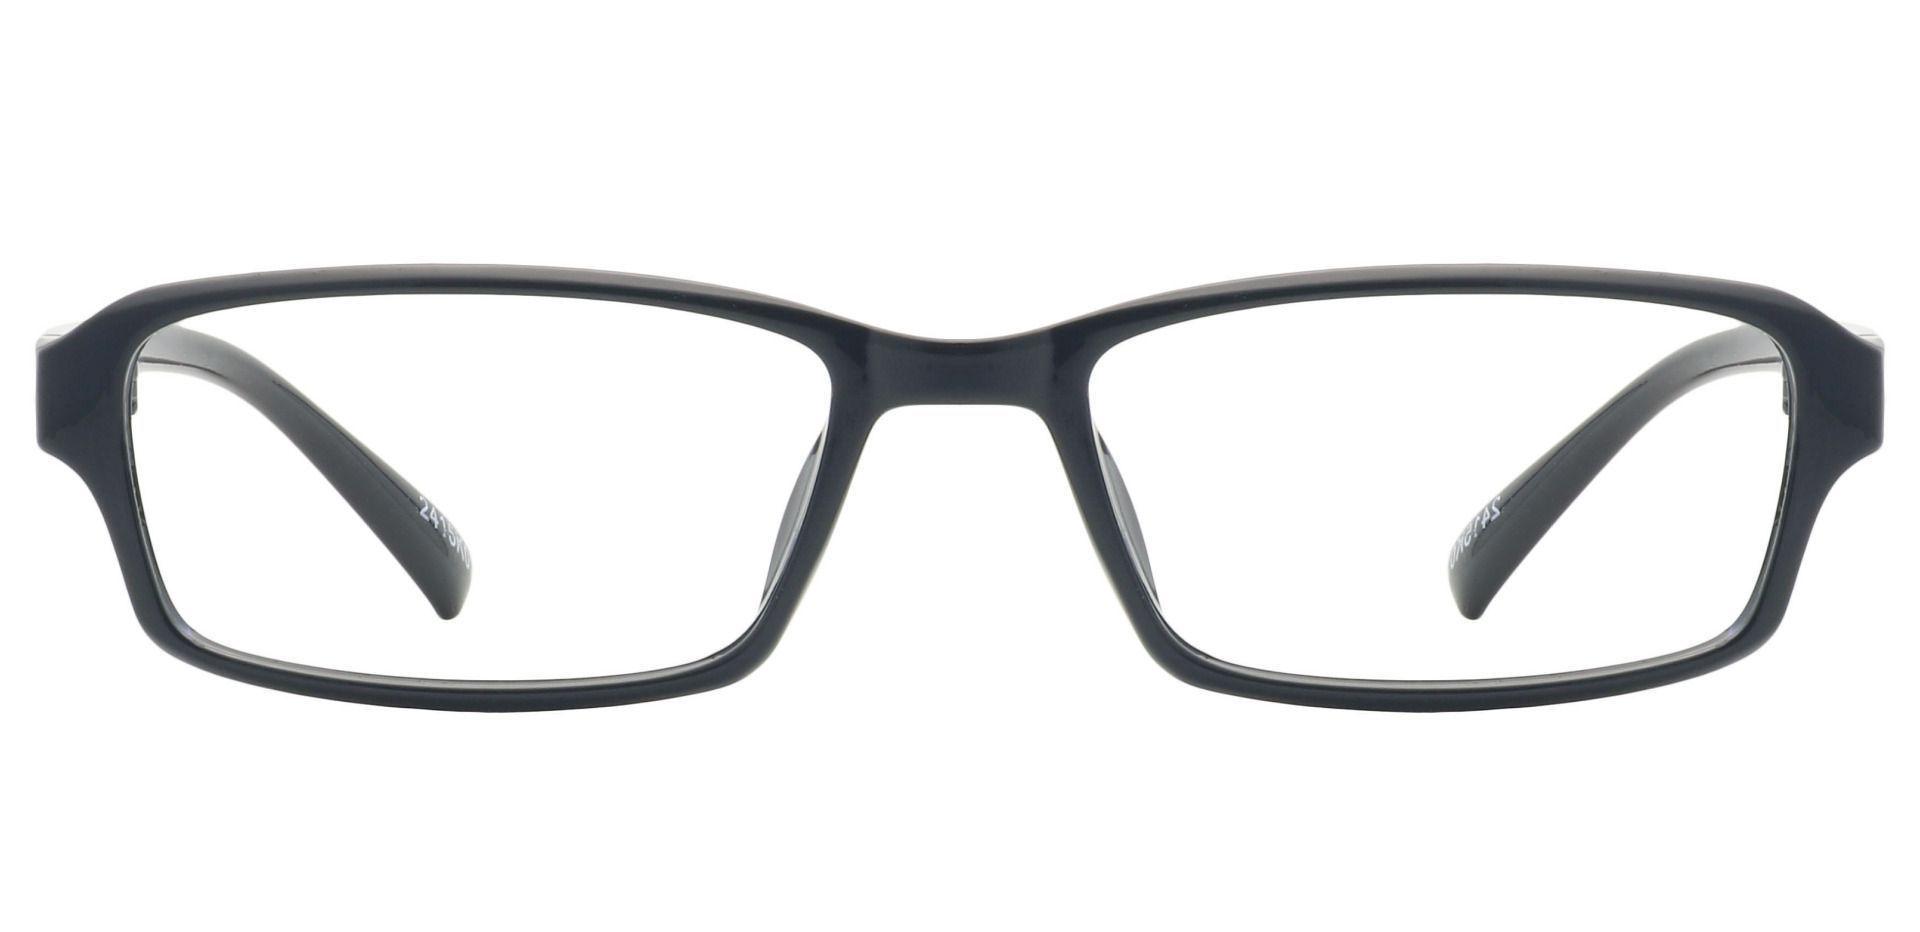 Delaney Rectangle Eyeglasses Frame - Black